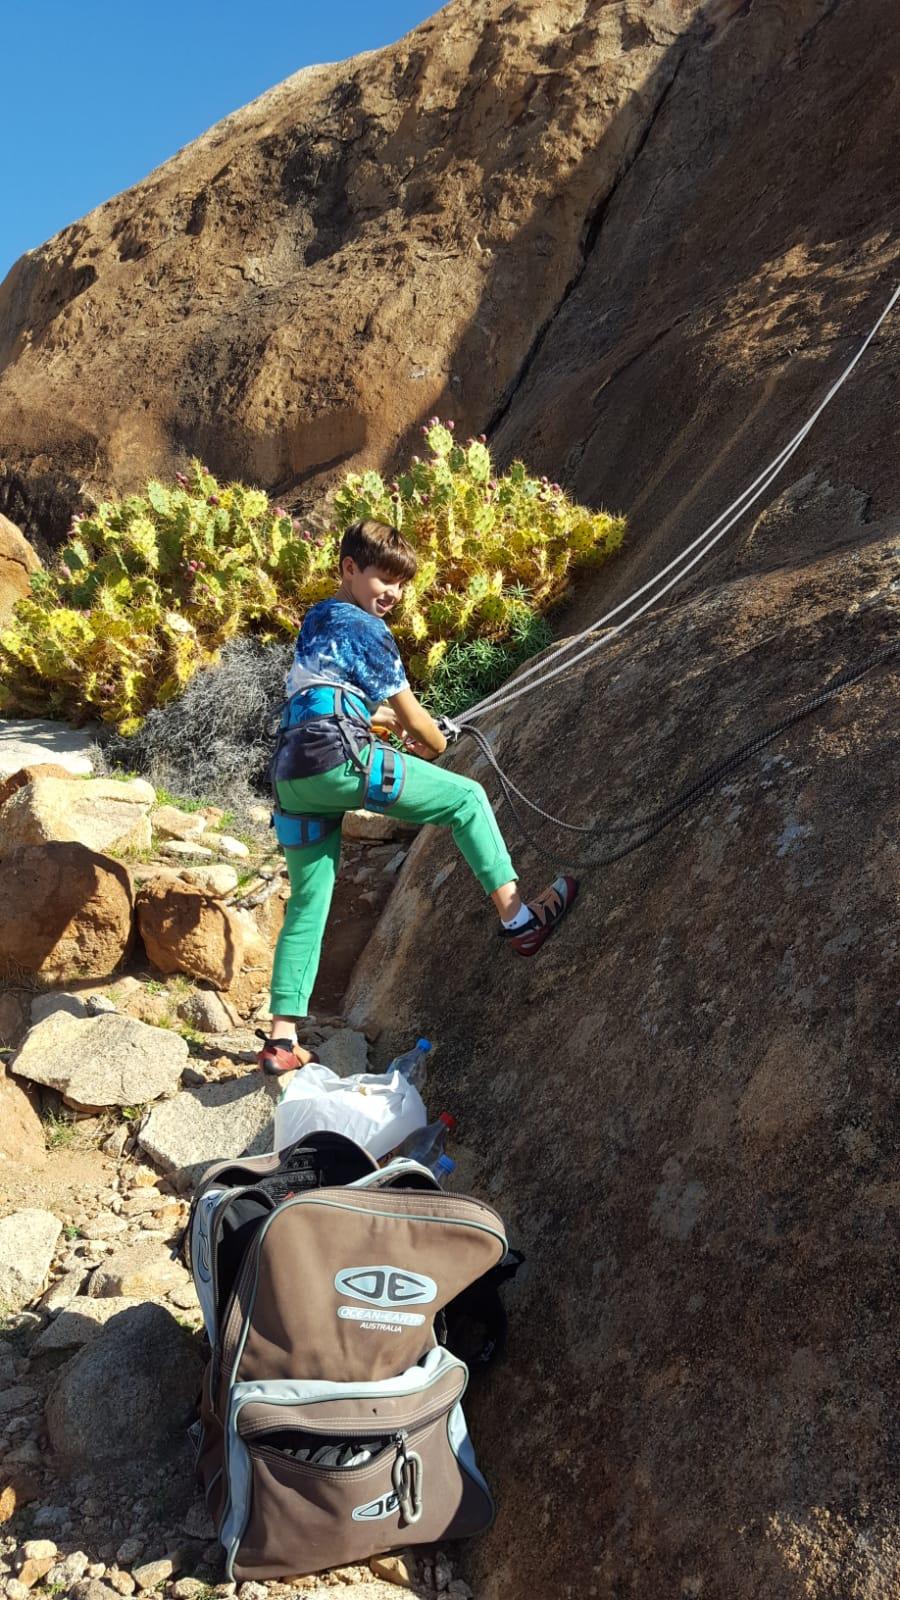 nira scalata.jpg